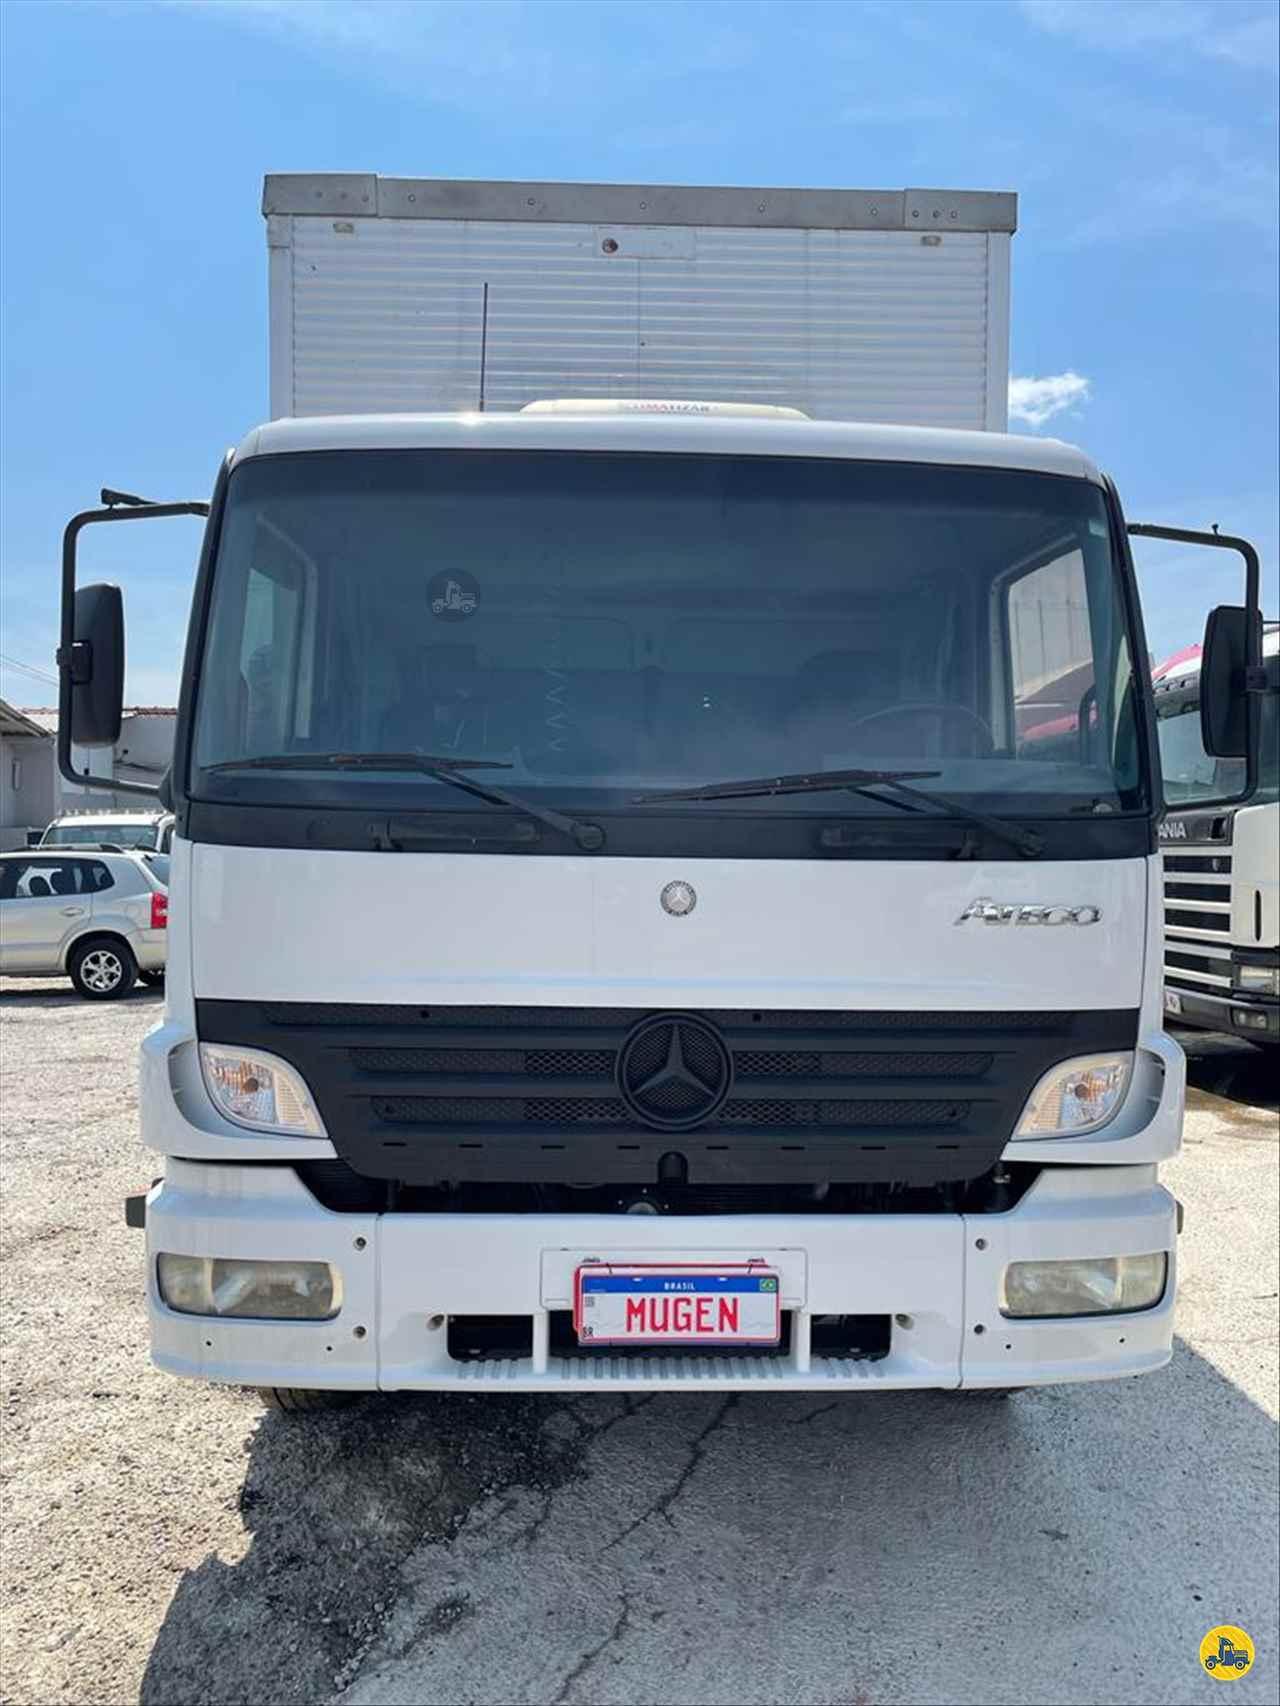 CAMINHAO MERCEDES-BENZ MB 2425 Baú Furgão Truck 6x2 Mugen Caminhões GUARULHOS SÃO PAULO SP